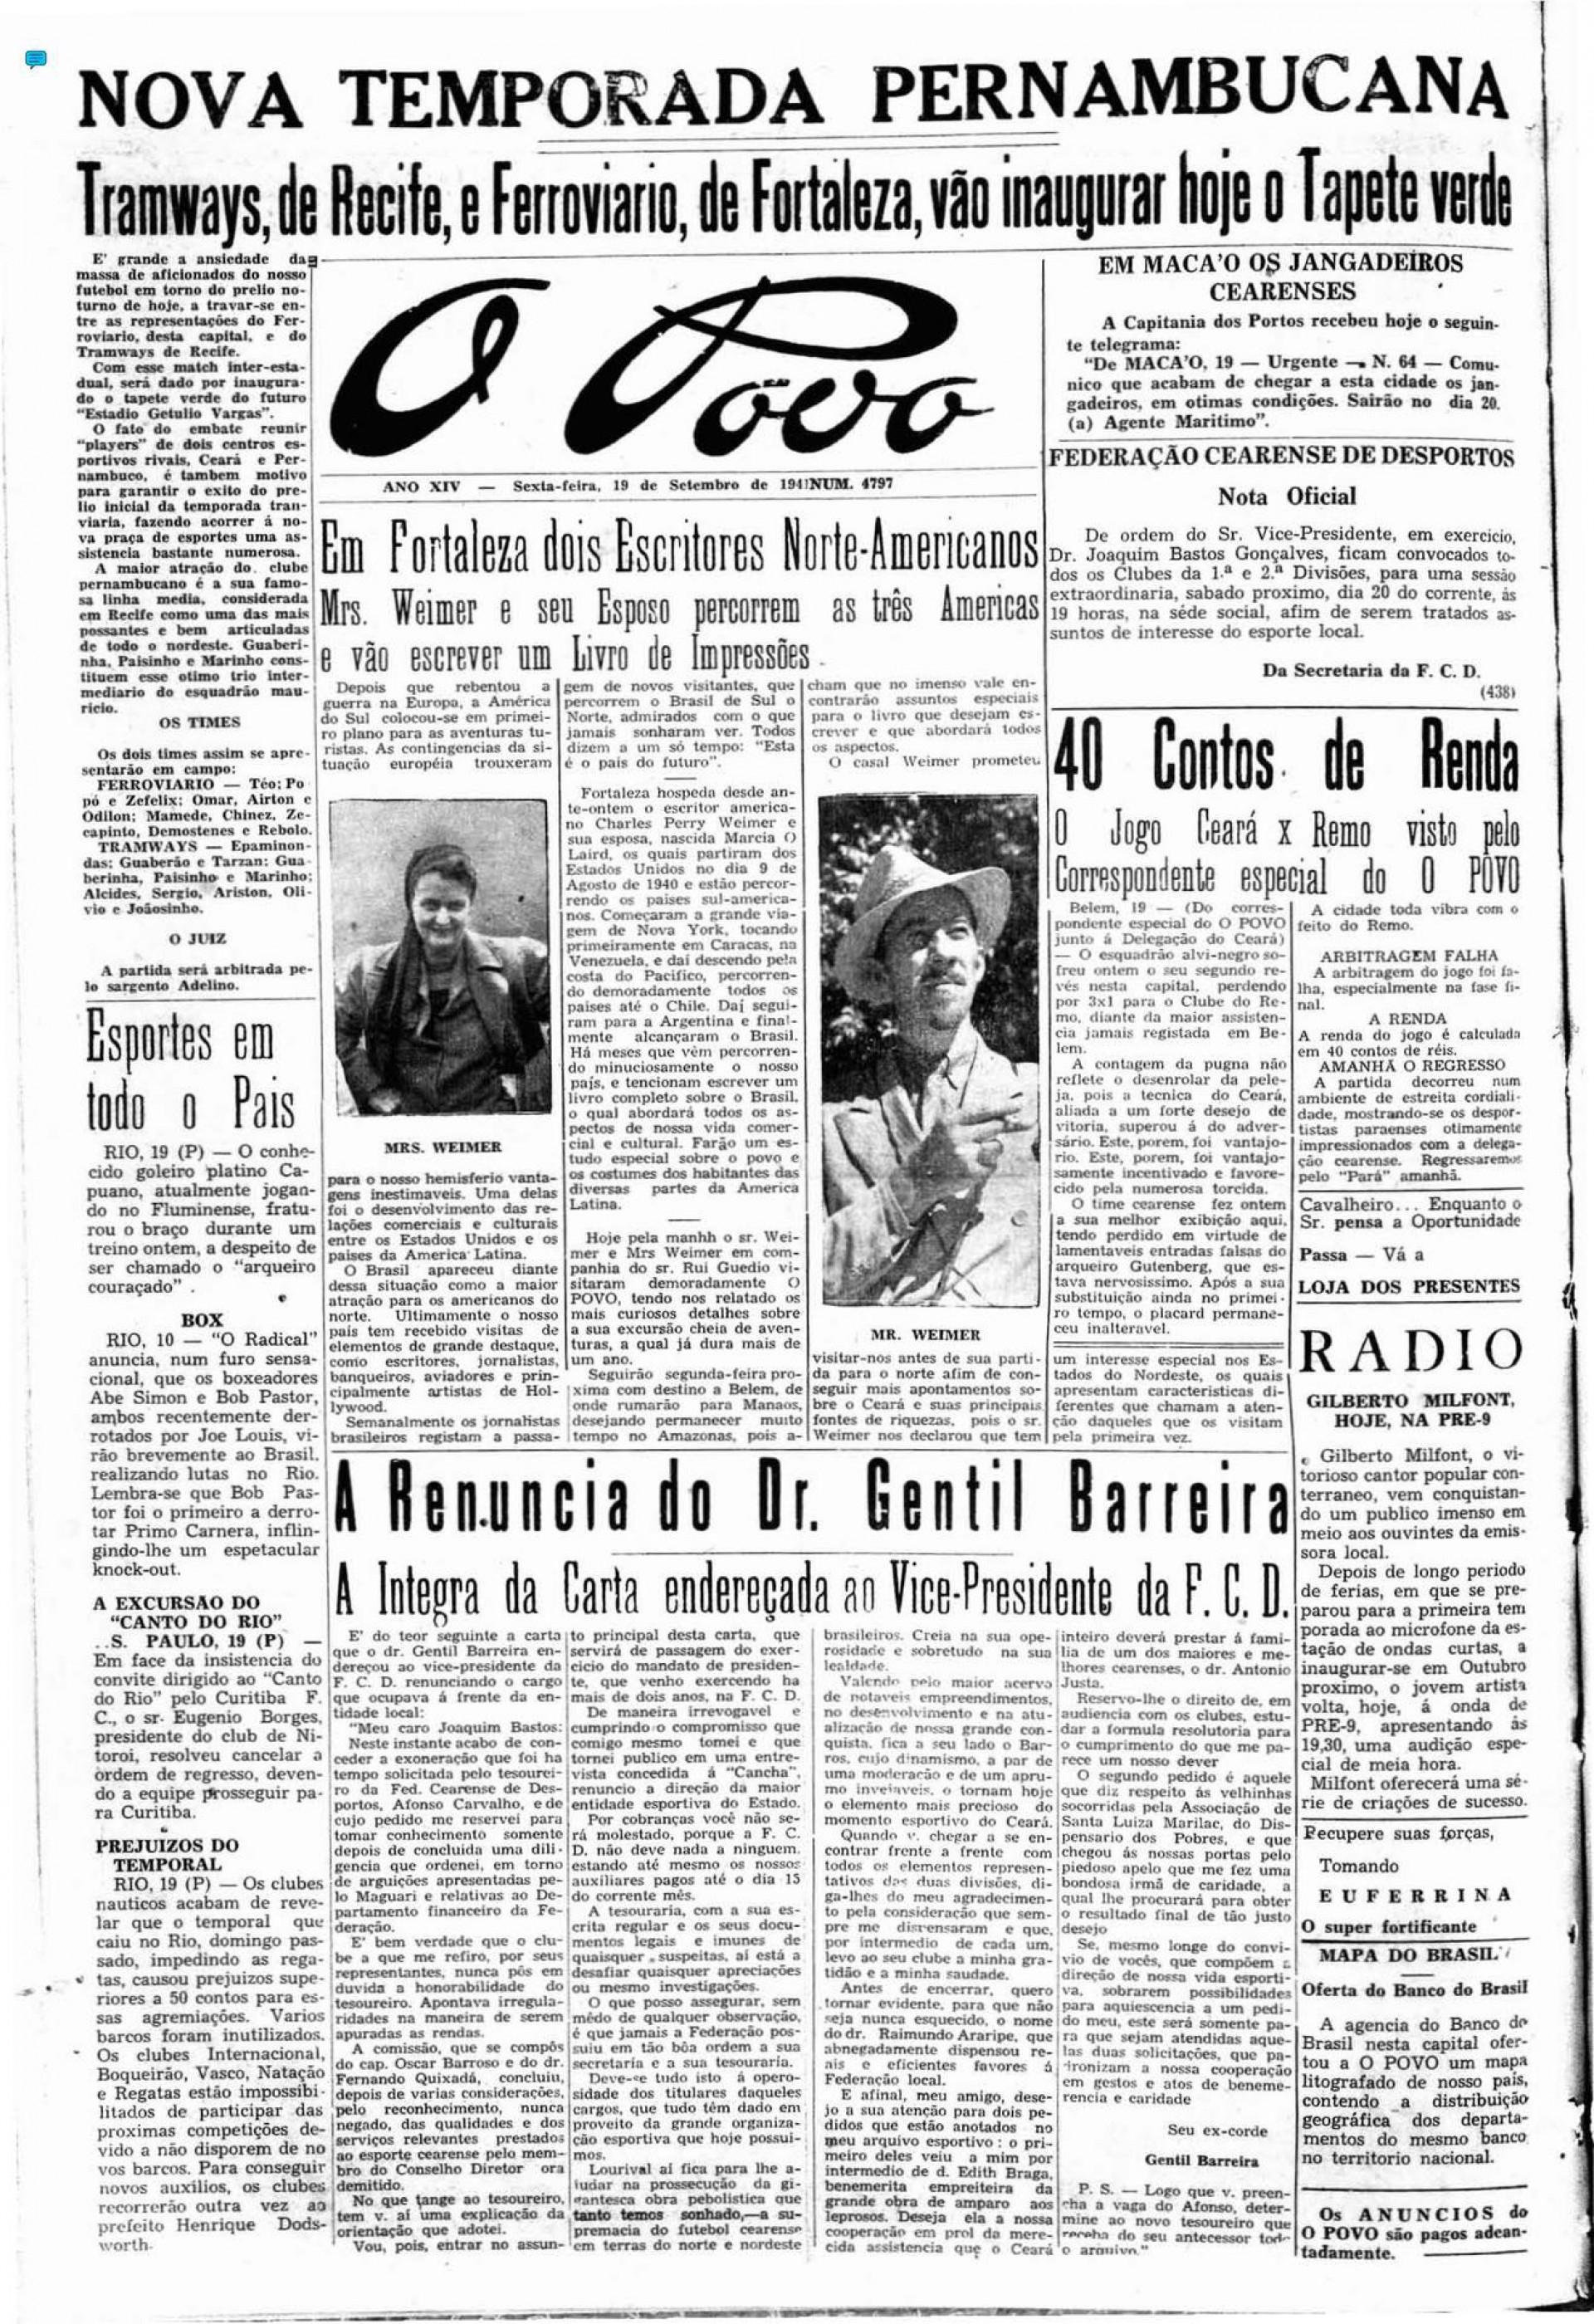 (Foto: Acervo Data.doc)19 de setembro de 1941 - Fortaleza se preparava para a primeira partida oficial no estádio Presidente Vargas (PV)